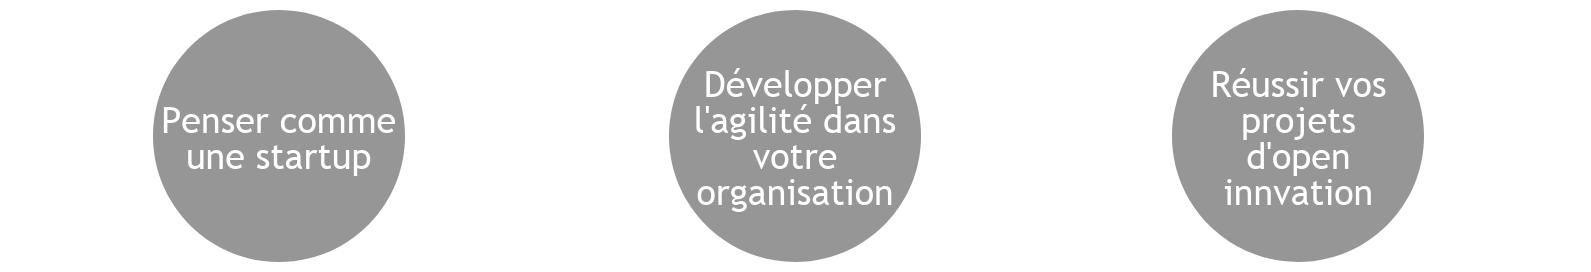 info-clients-co_31202660 (5)